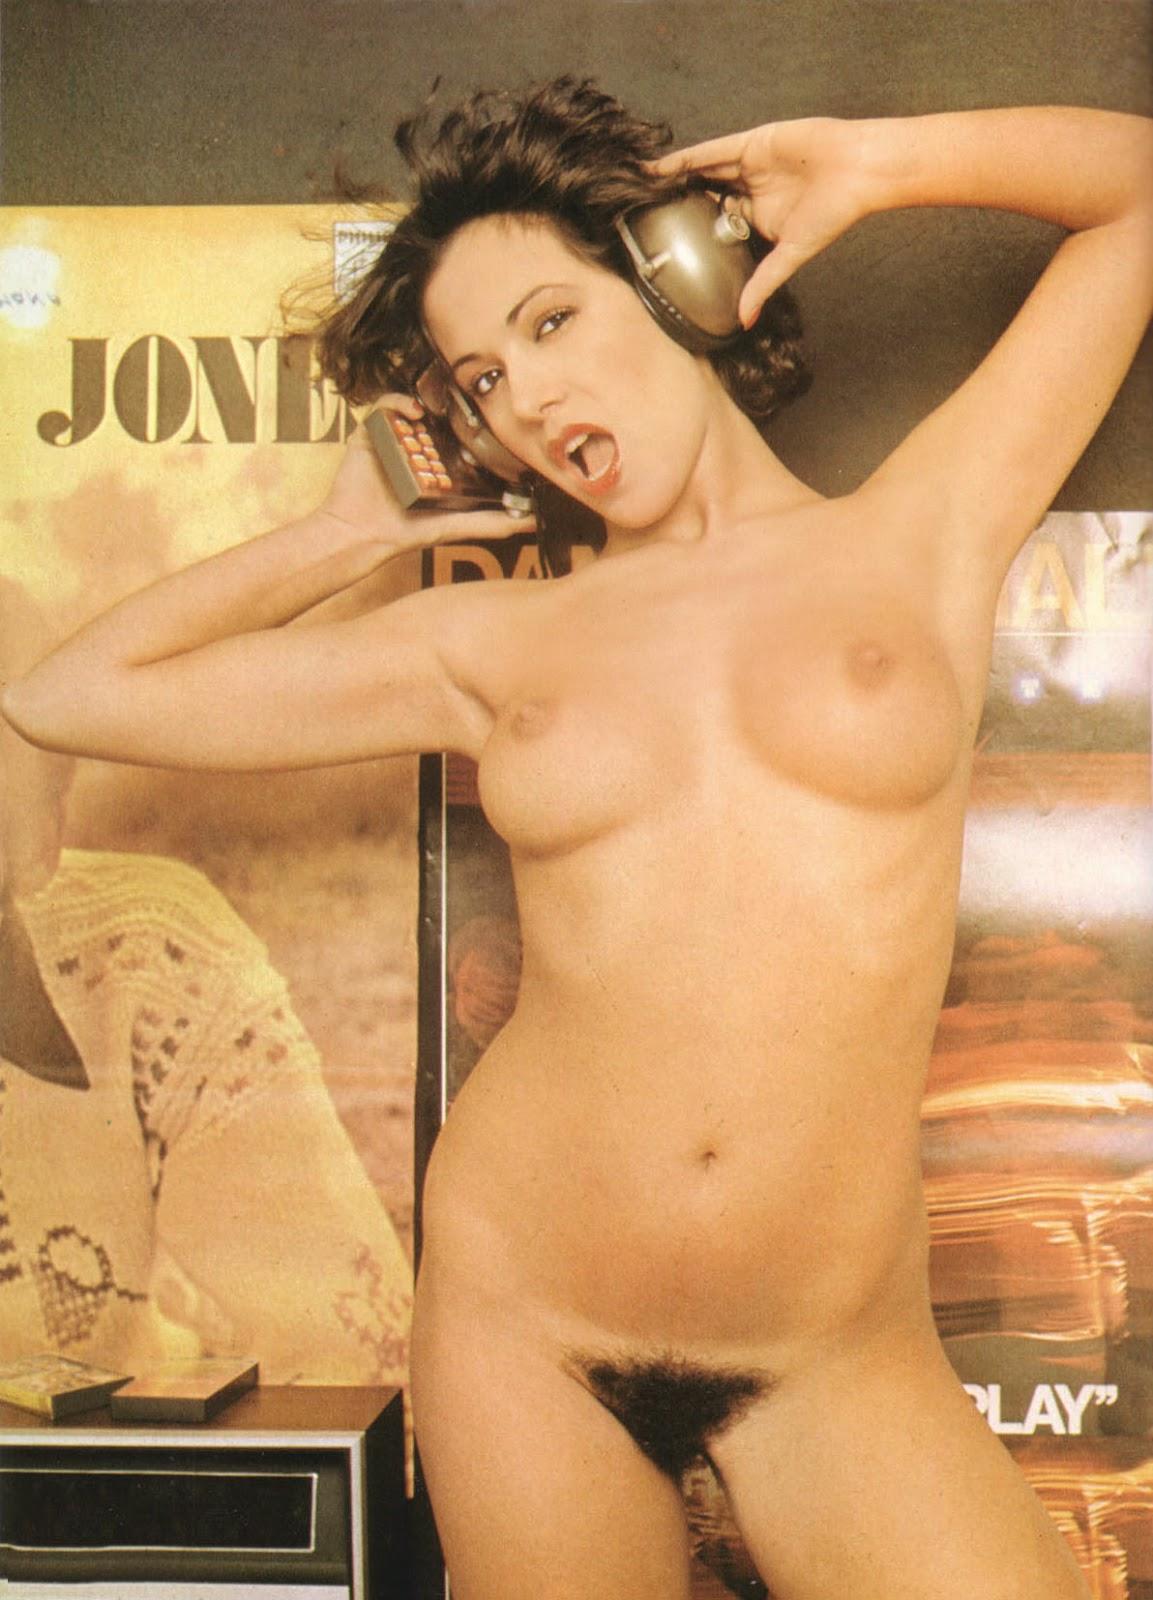 Italian porn actress nudes